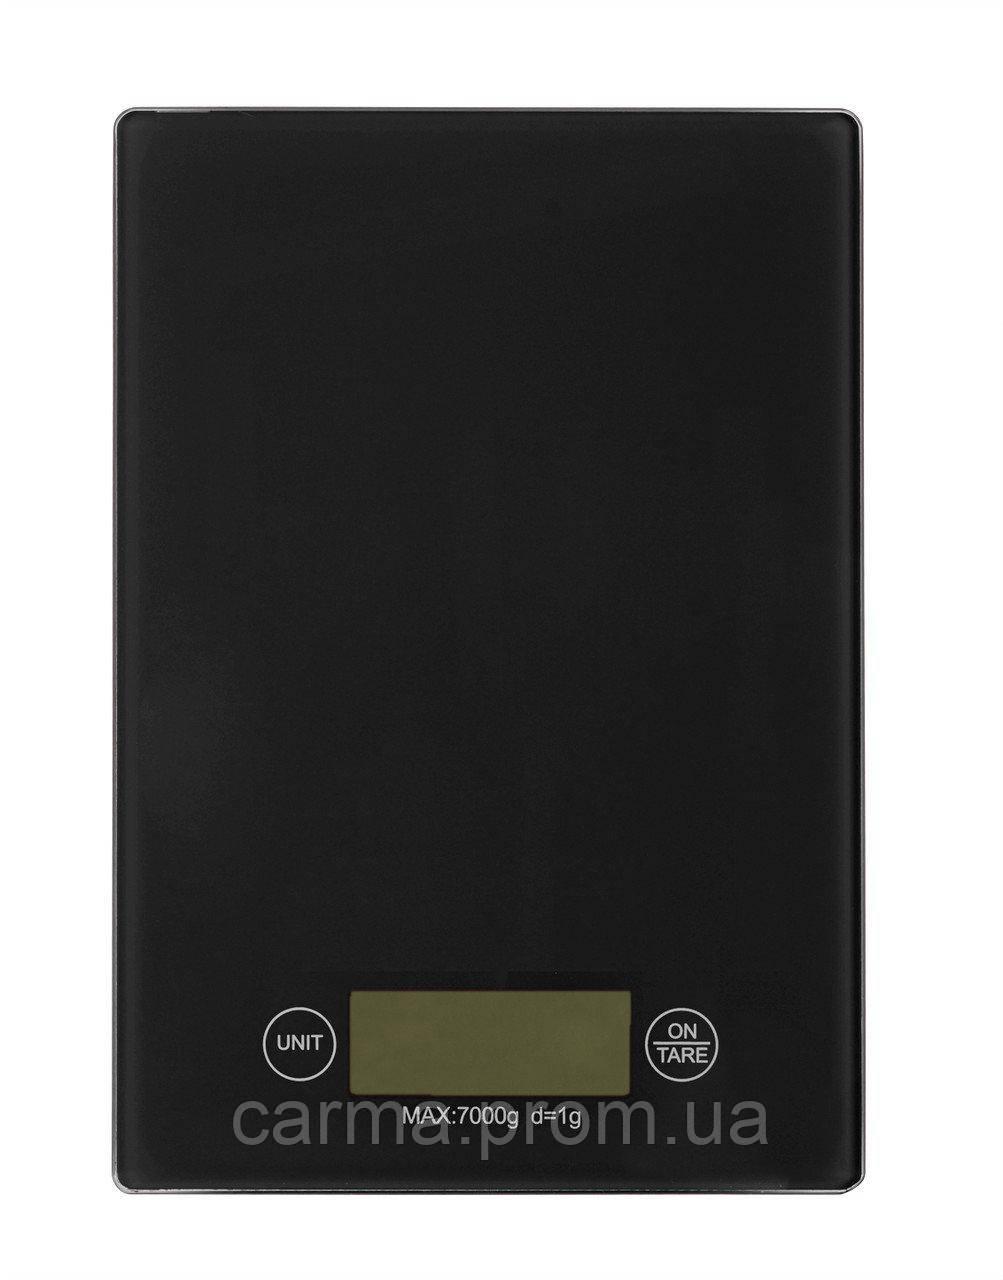 Весы кухонные Matarix MX-402 5 кг Black